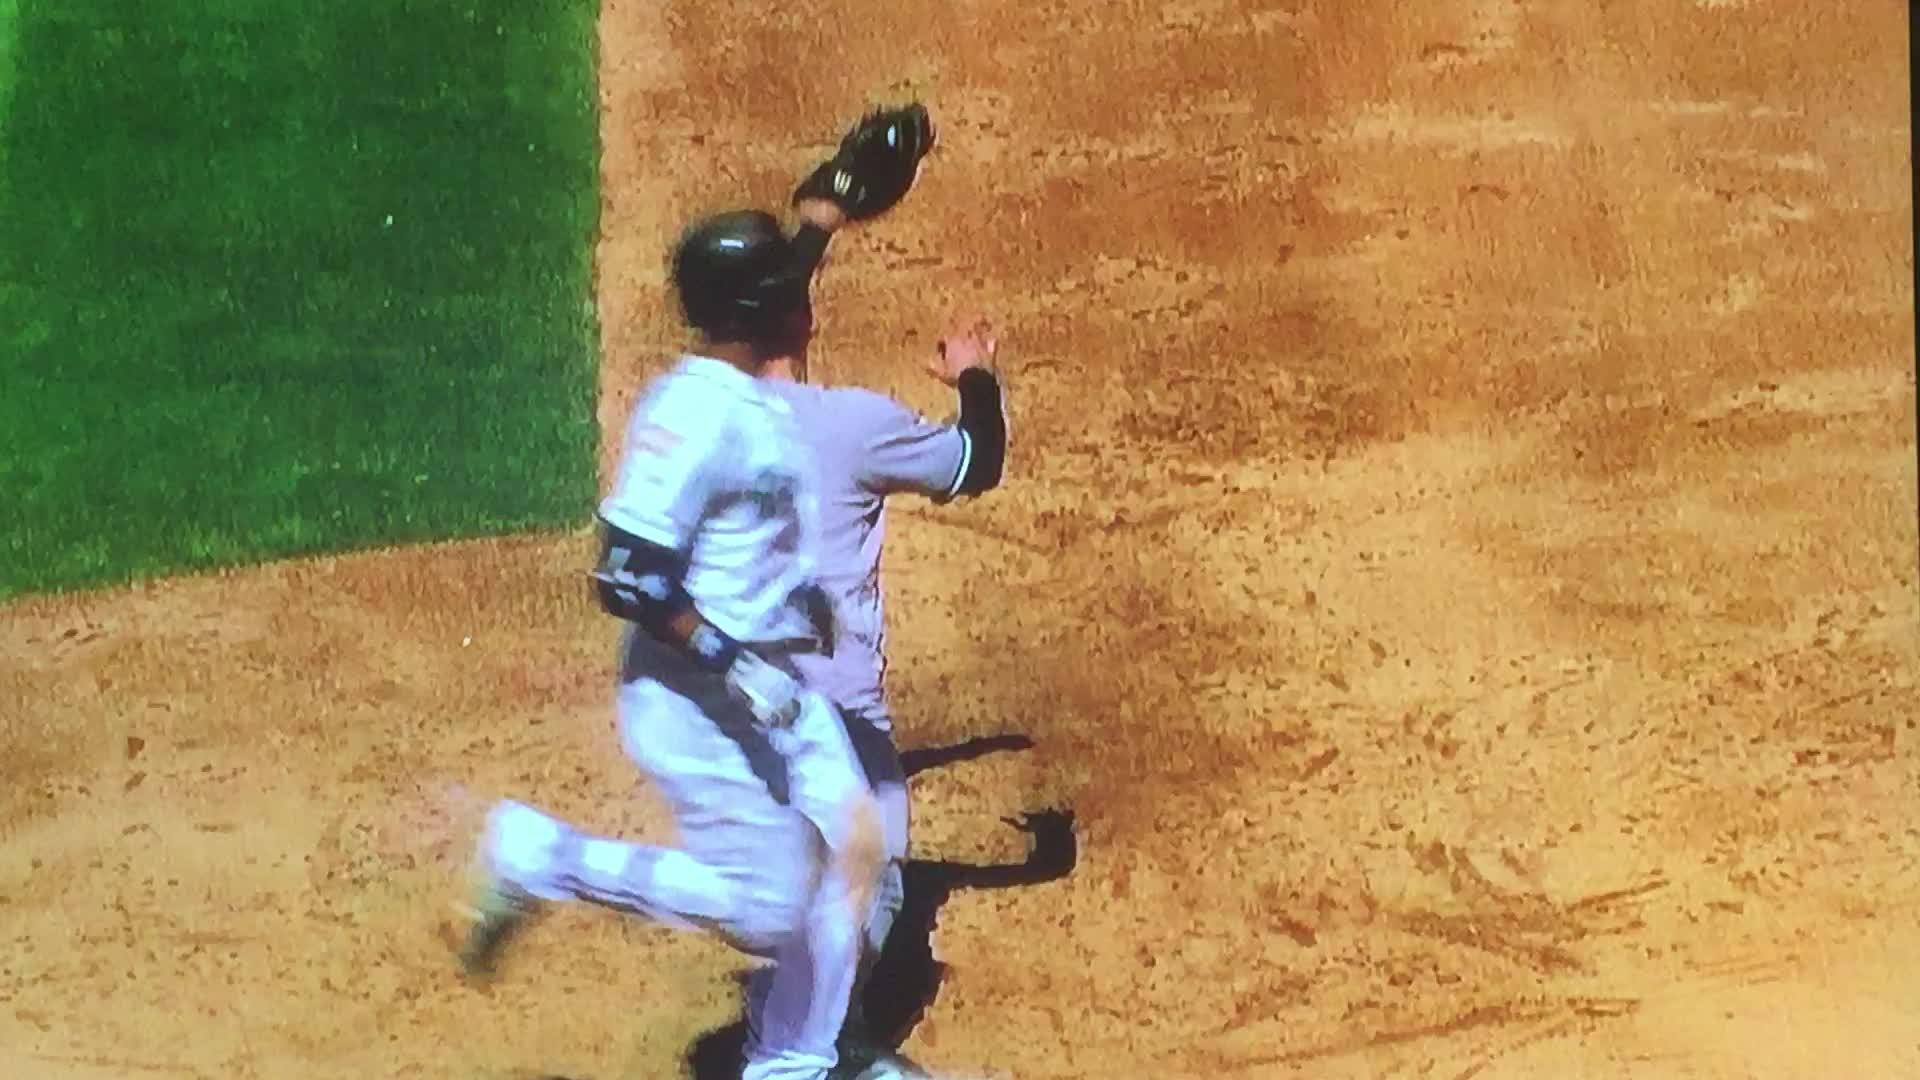 asian, baseballgifs, Tanaka's Clap GIFs